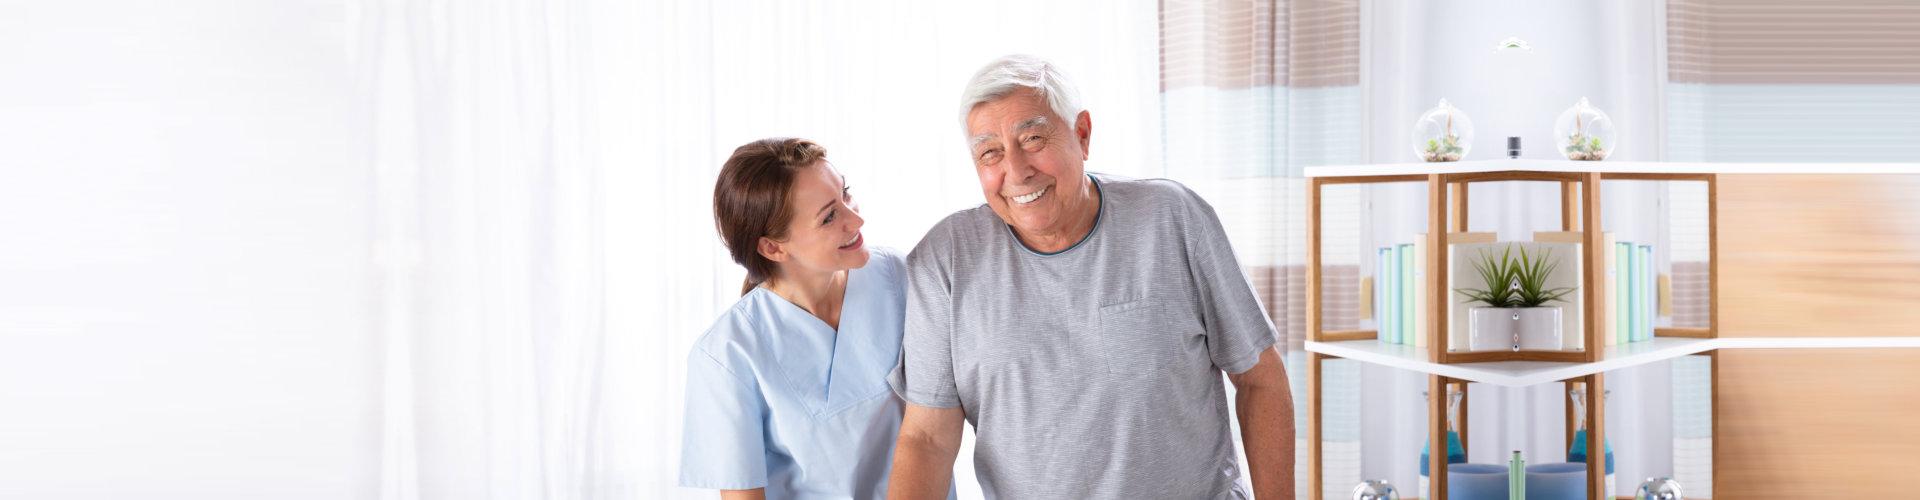 caregiver and snior man smiling